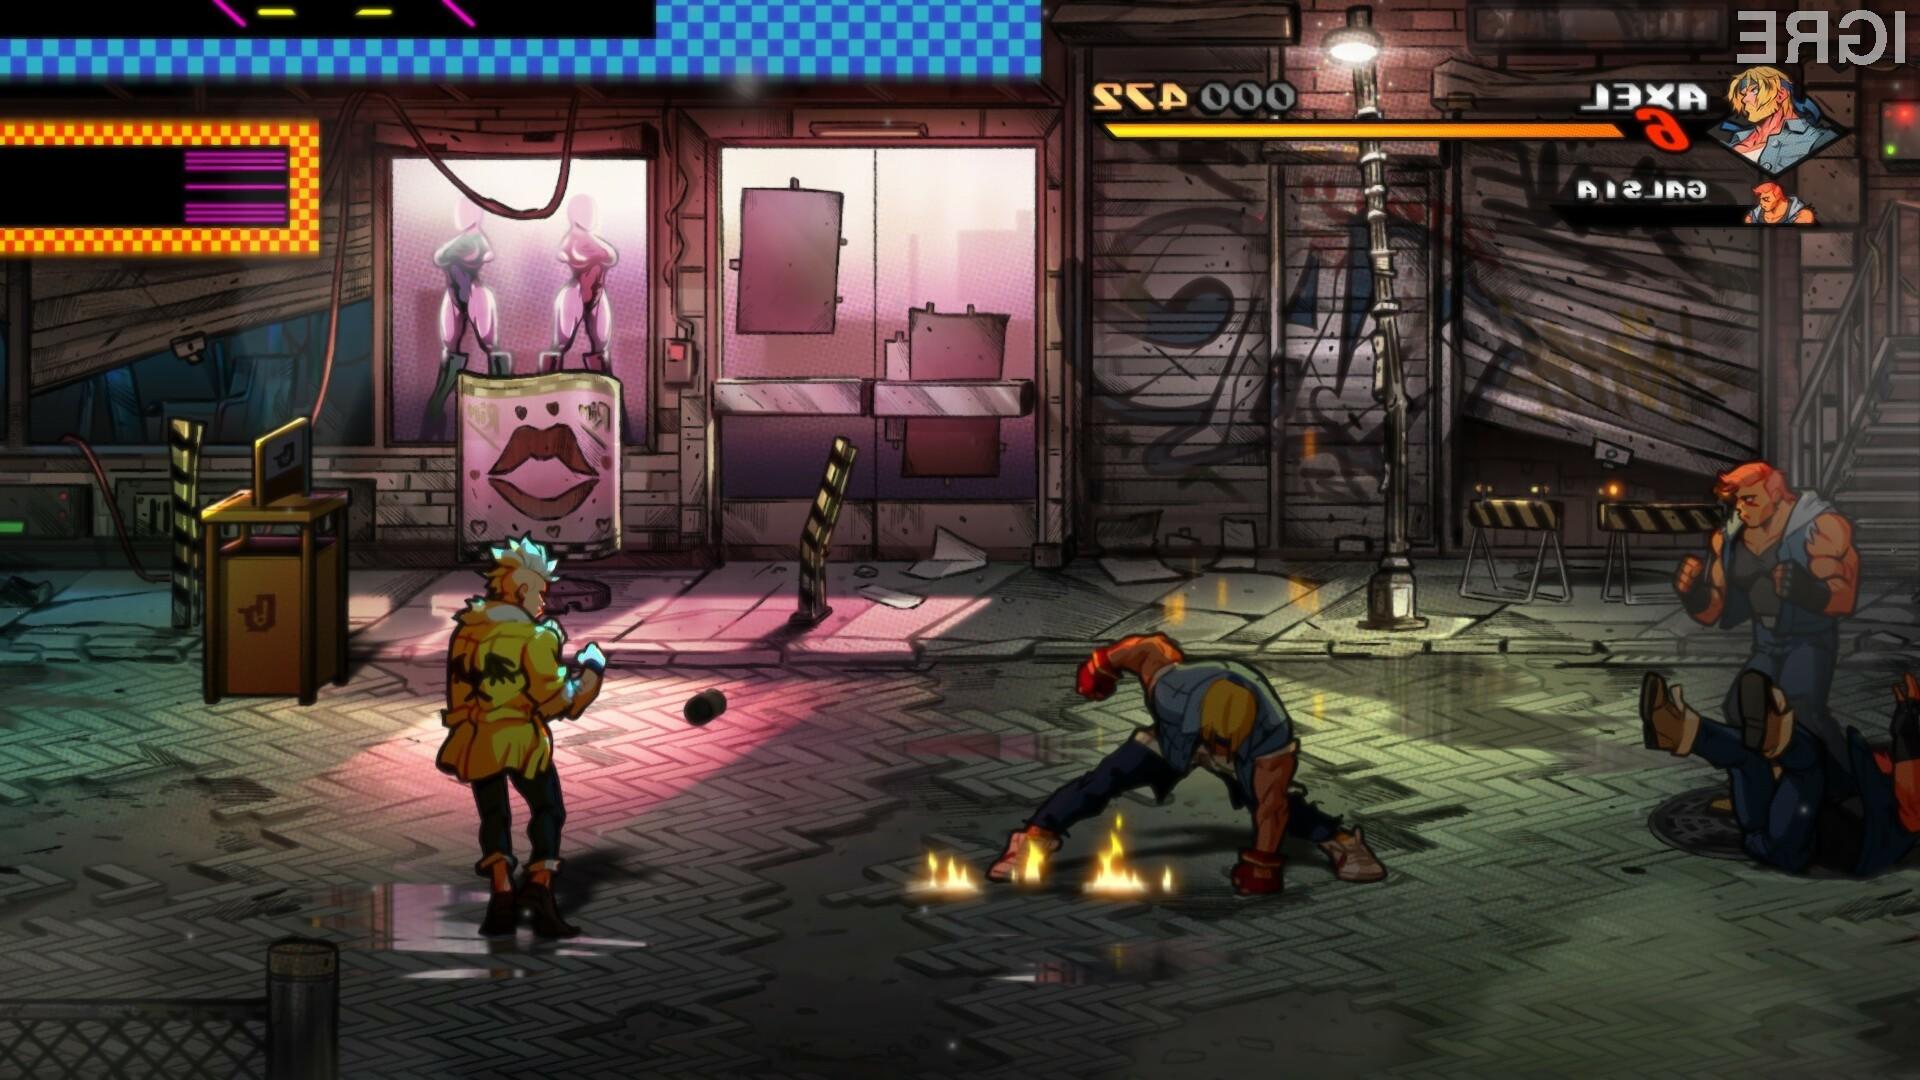 Cena igre znaša 24,99 evrov, v prodaji pa je za računalnike in vodilne konzole.